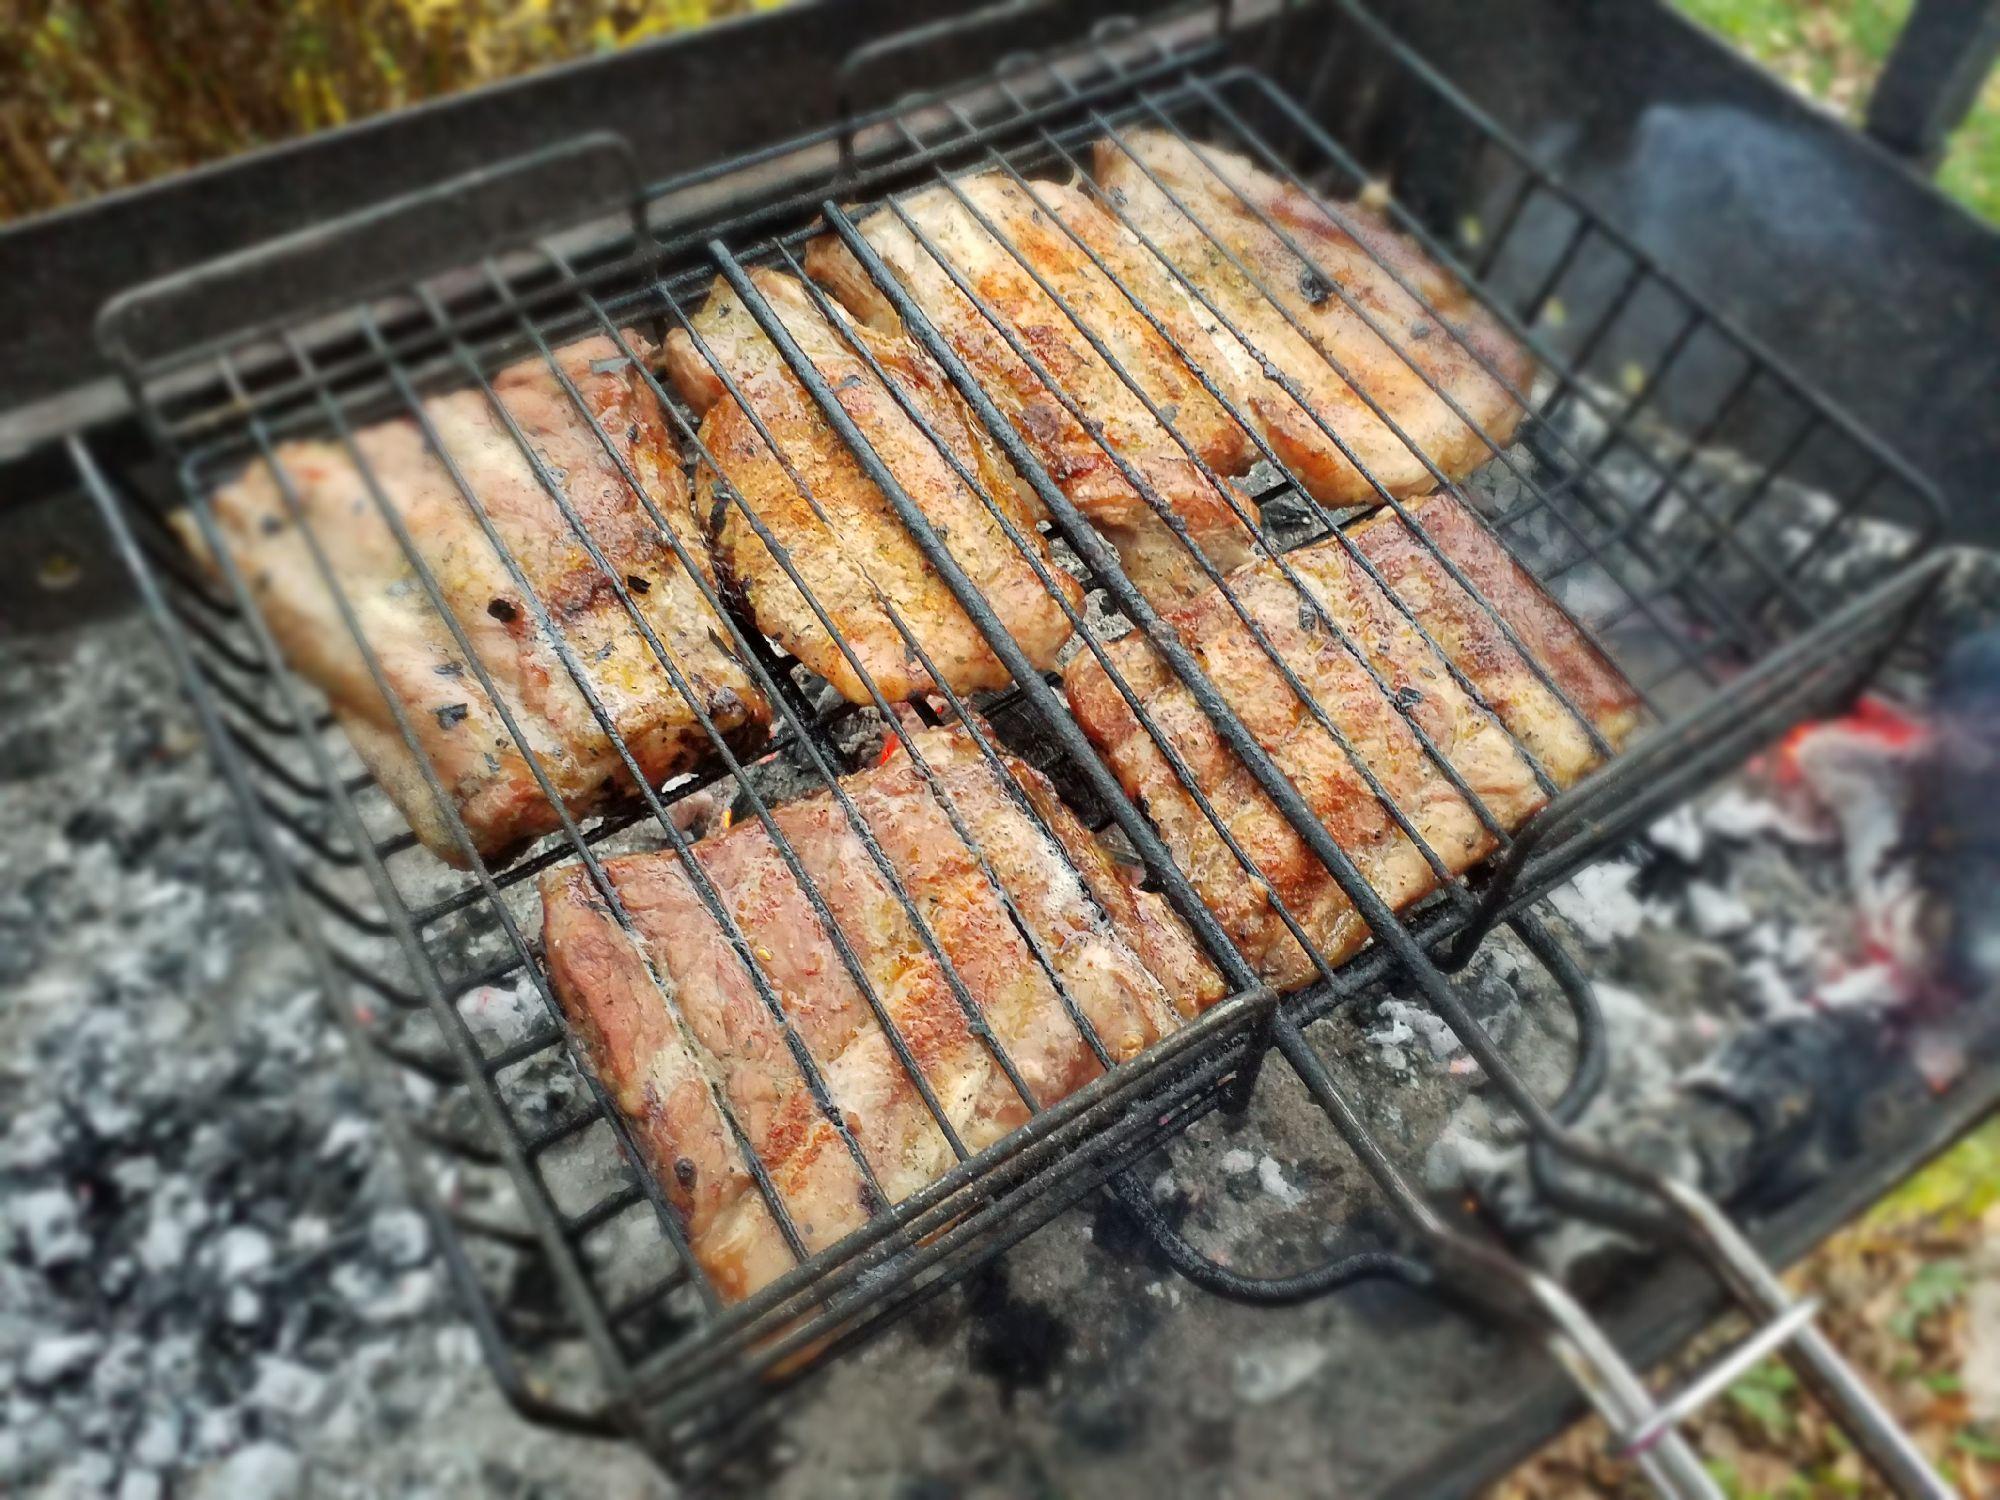 """Приезжая на дачу, я становлюсь главной по... приготовлению на открытом огне. Мясо, рыба, овощи...Собственно, ничего не имею против. Мне нравится.  Наколоть дрова, развести огонь... А как же угли, спросите вы. Ну те, которые в магазине продаются.Ответ прост - я каждый раз забываю их купить. )))P.S. Название поста навеяно фильмом """"Блондинка за углом"""""""